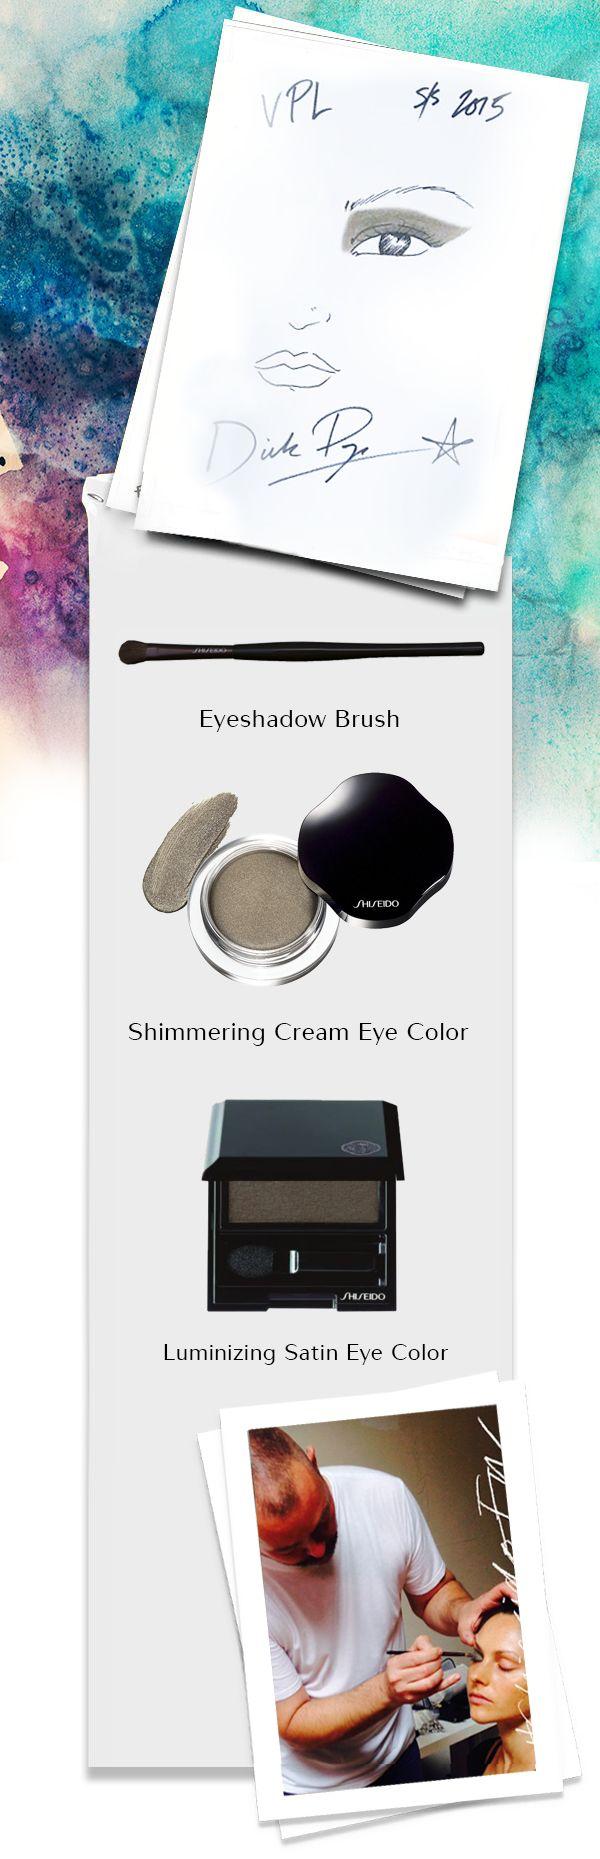 Dick Page all'opera nel #backstage della sfilata di VPL. Smoky eyes rivisti in forma geometrica e pelle con effetto nude. #ShiseidoFW #makeup www.shiseido.it